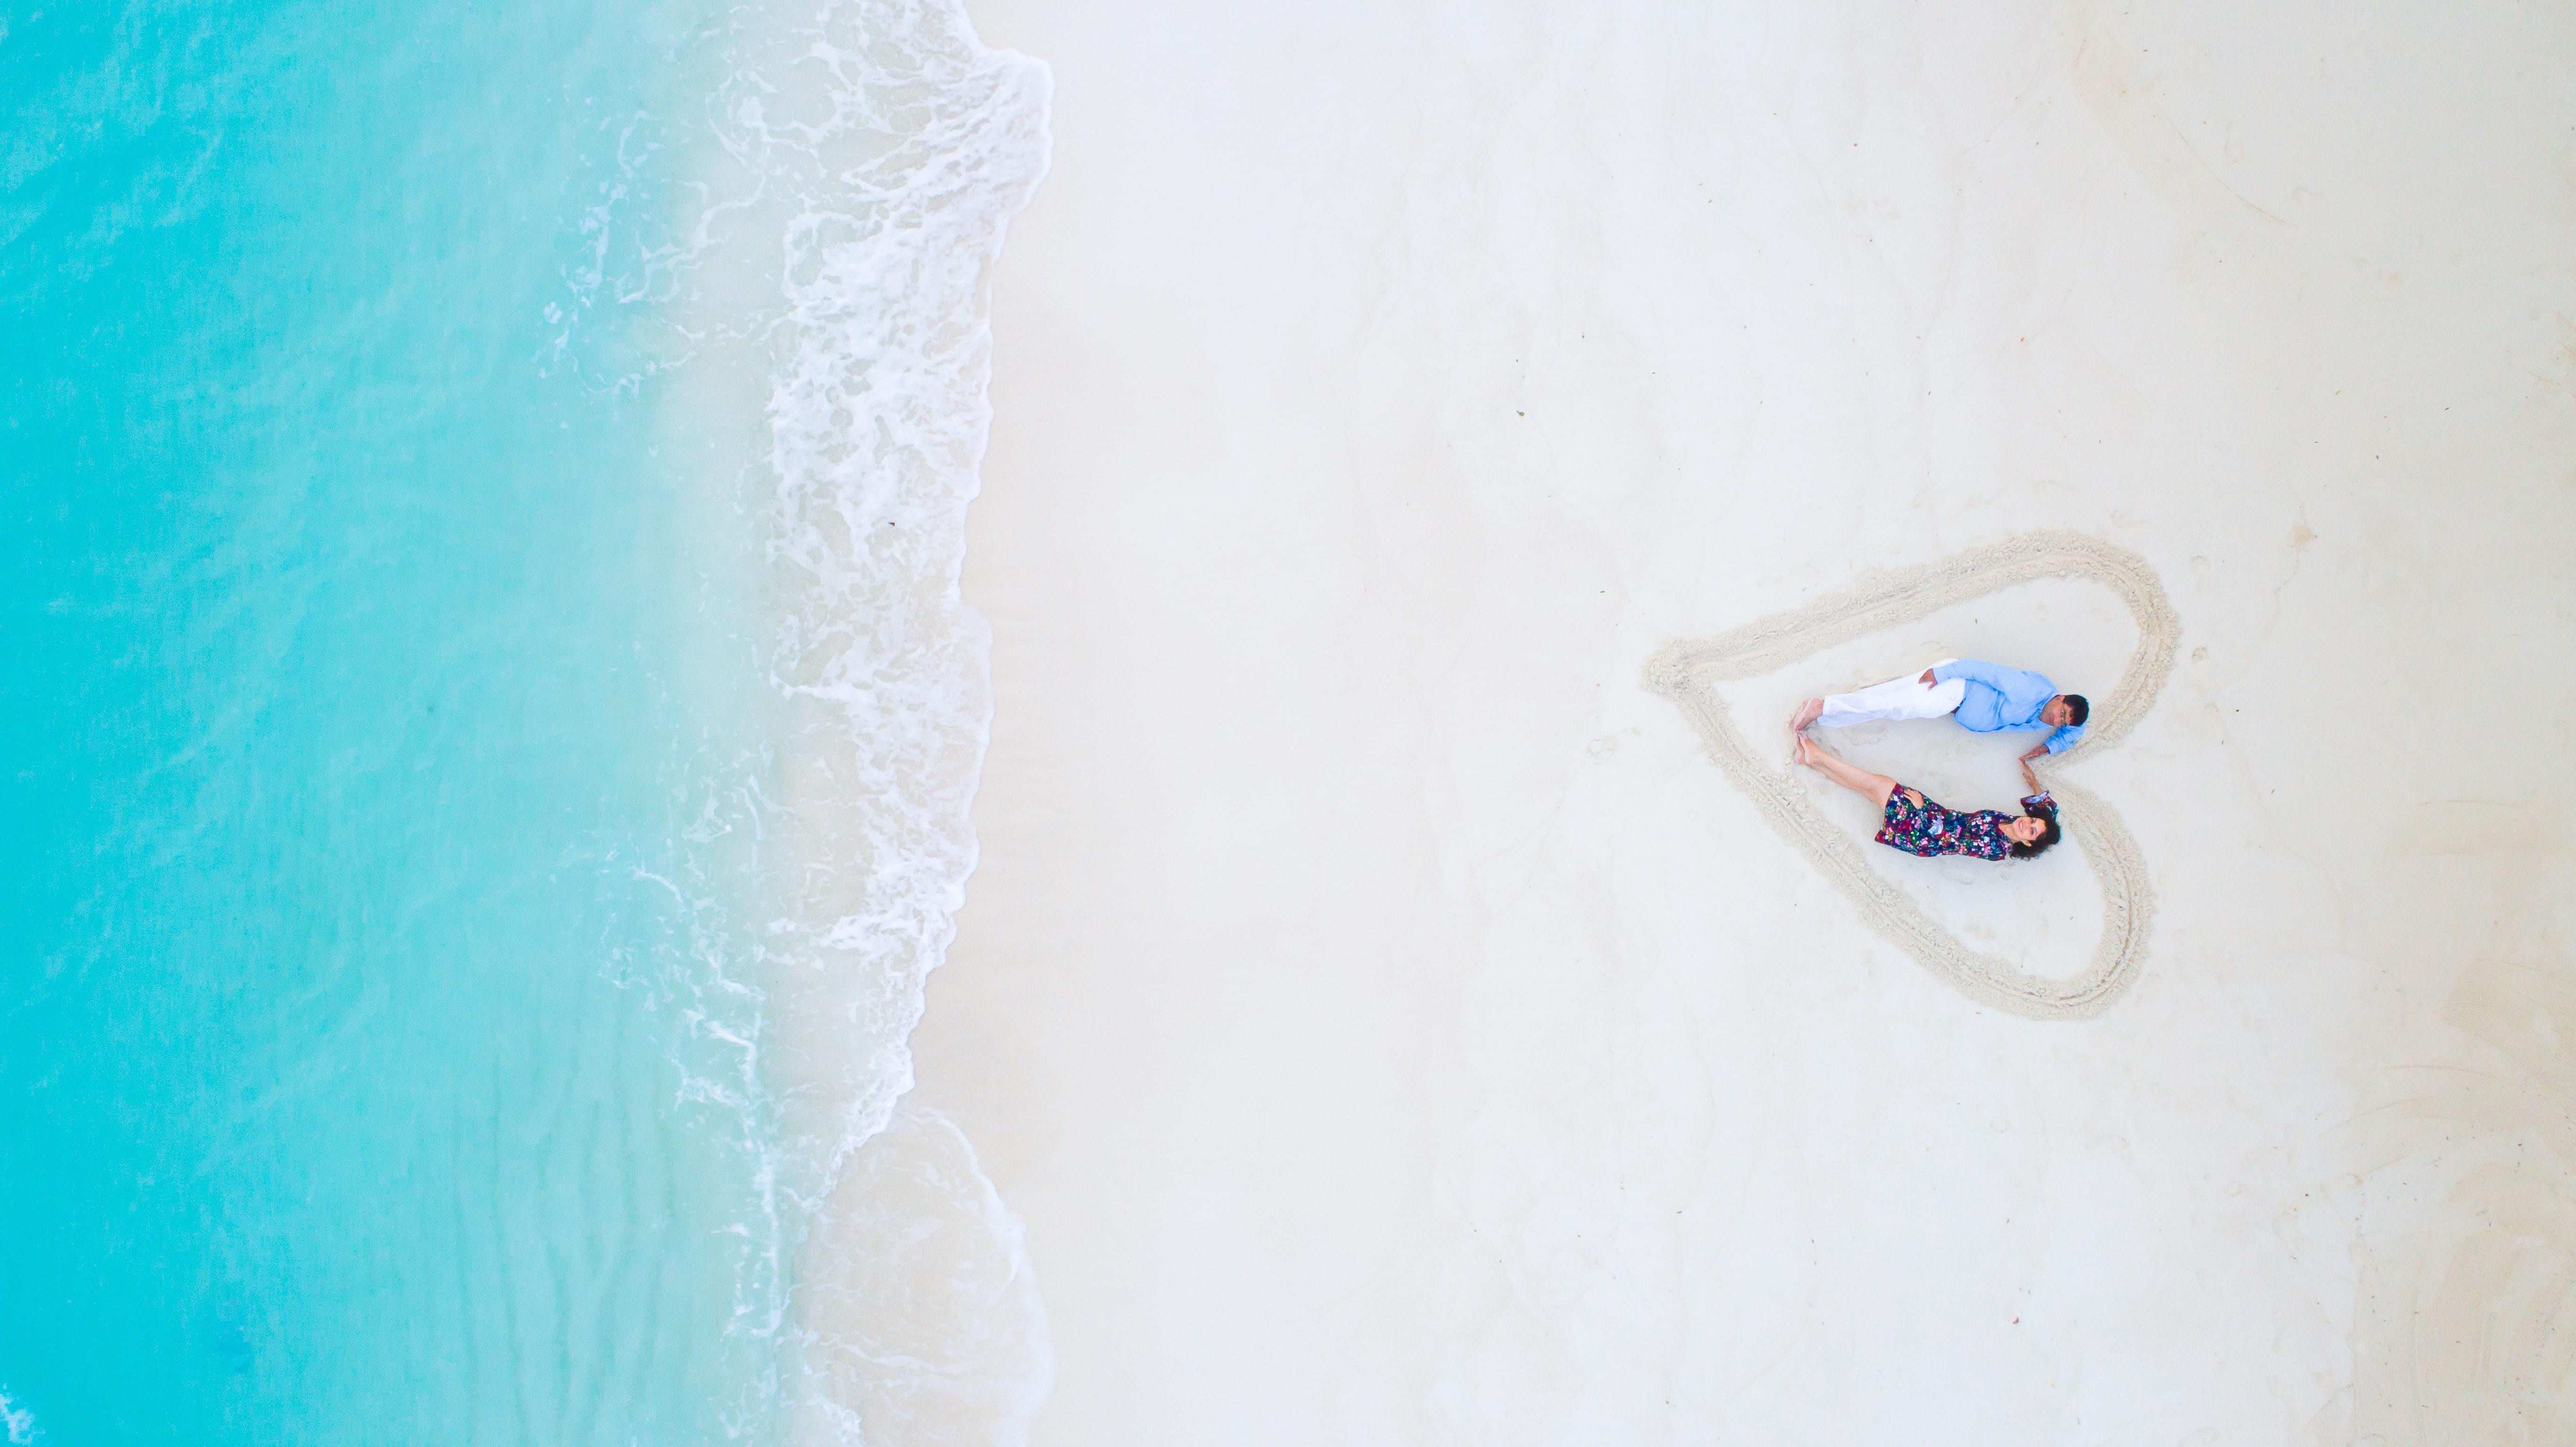 მალდივის სანაპირო